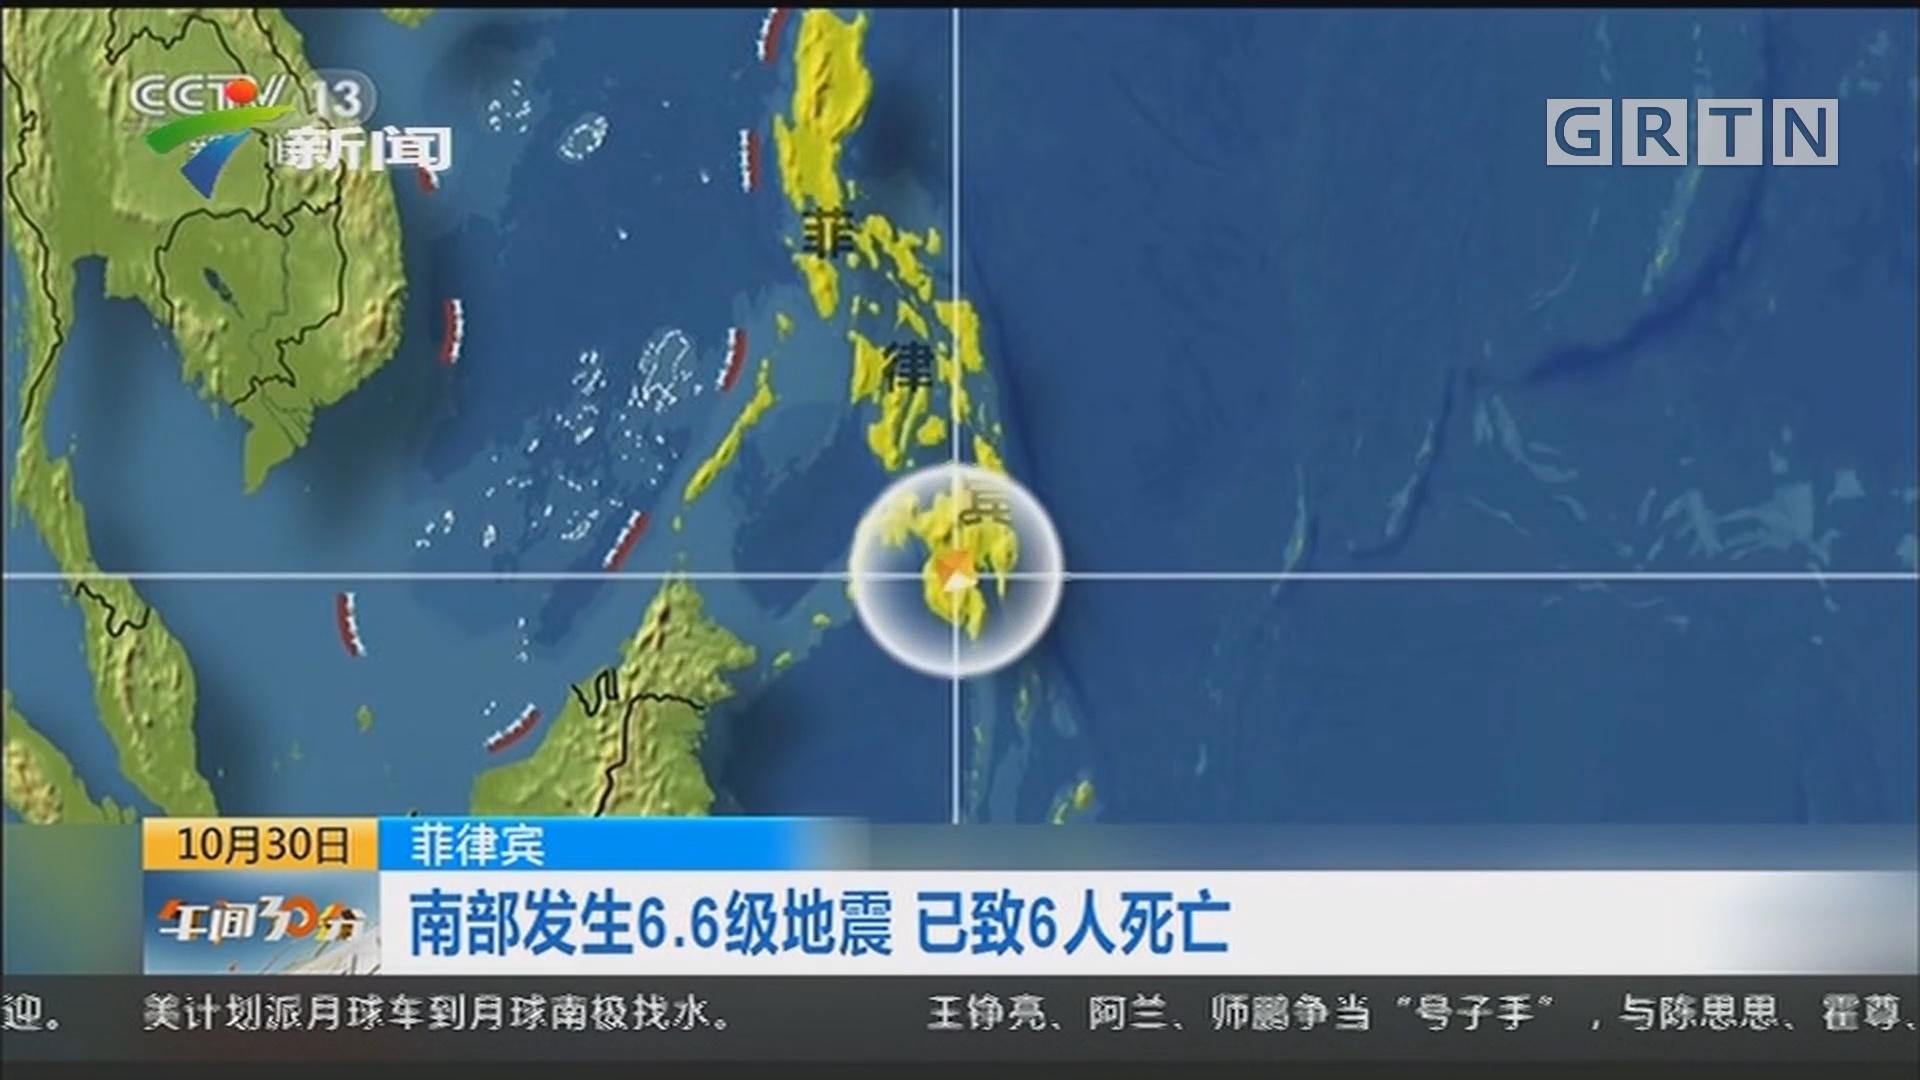 菲律宾:南部发生6.6级地震 已致6人死亡